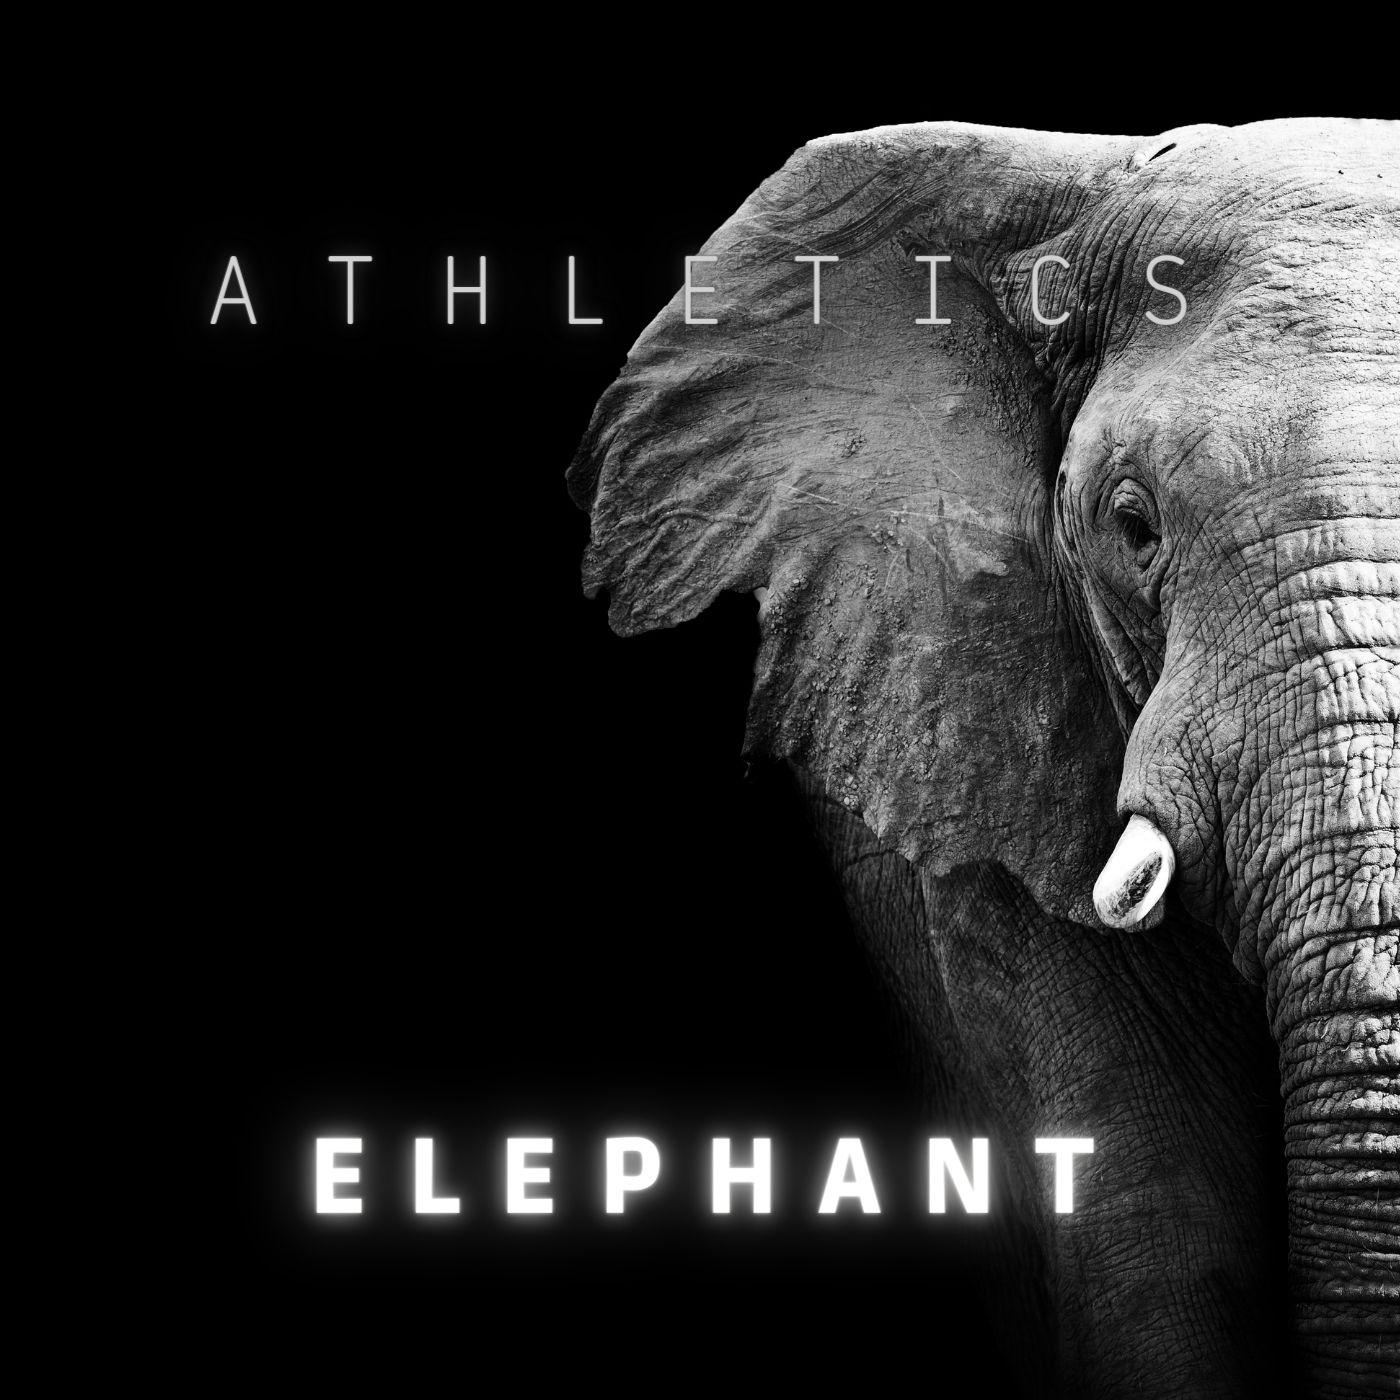 Upcoming: Athletics - Elephant